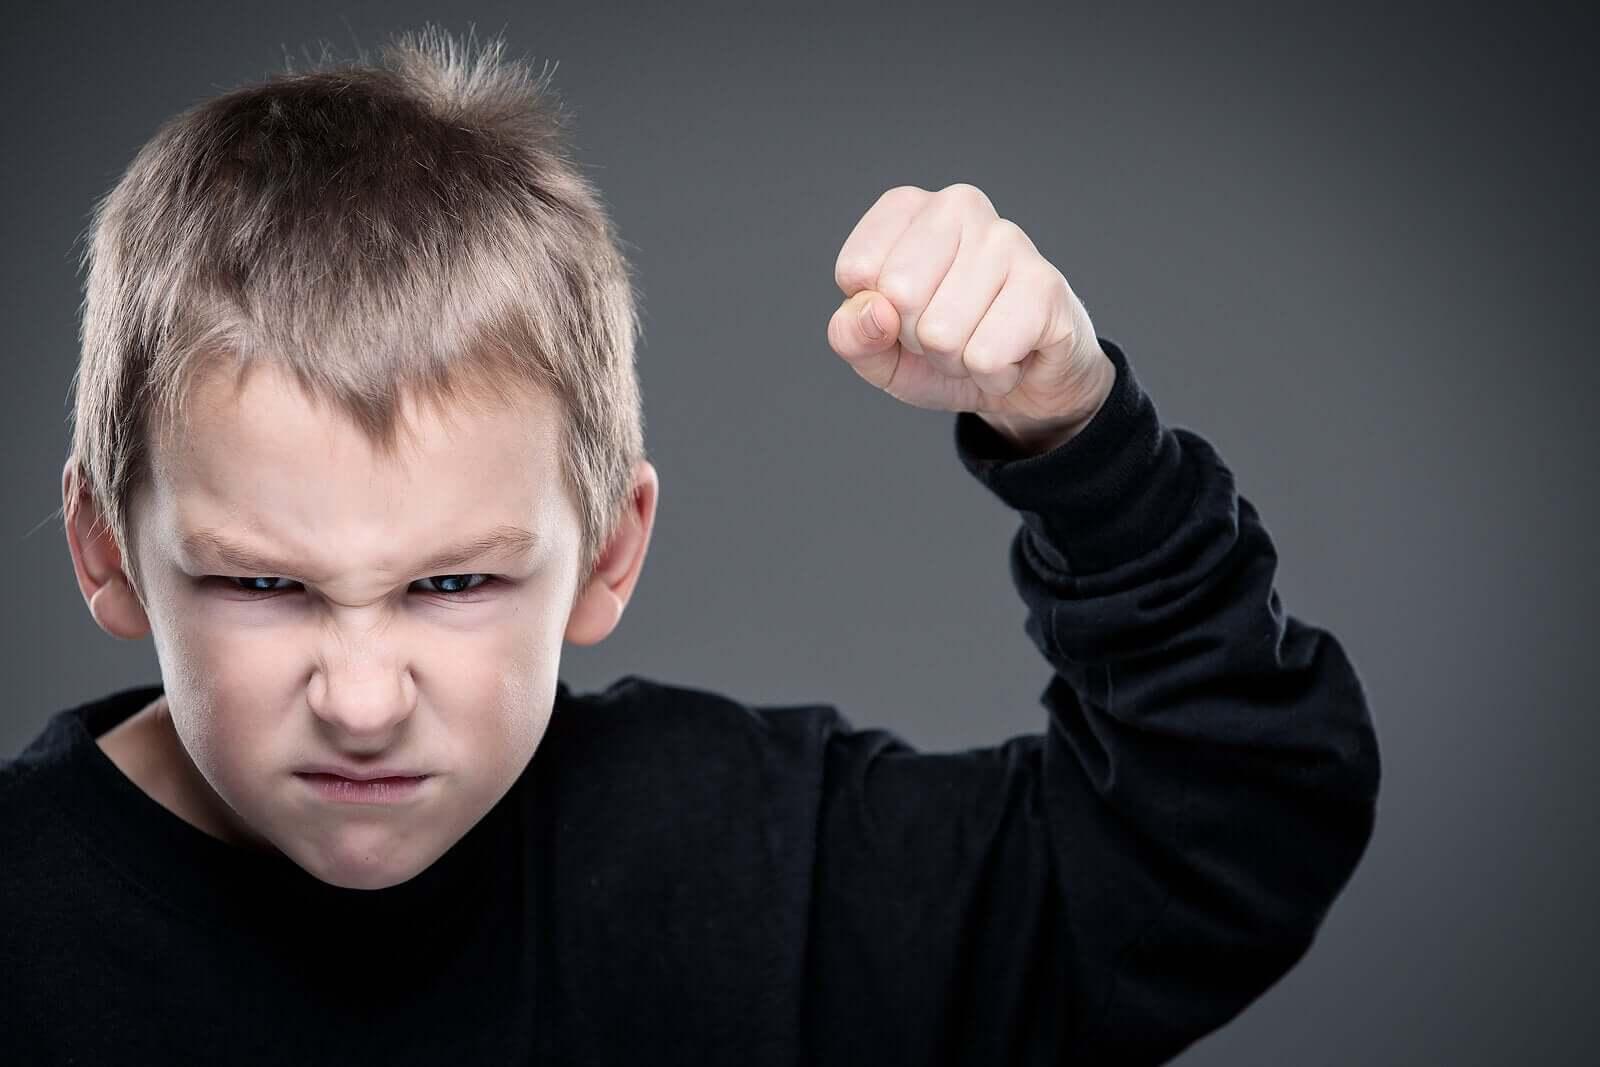 어린이의 내재화 증상과 외현화 증상